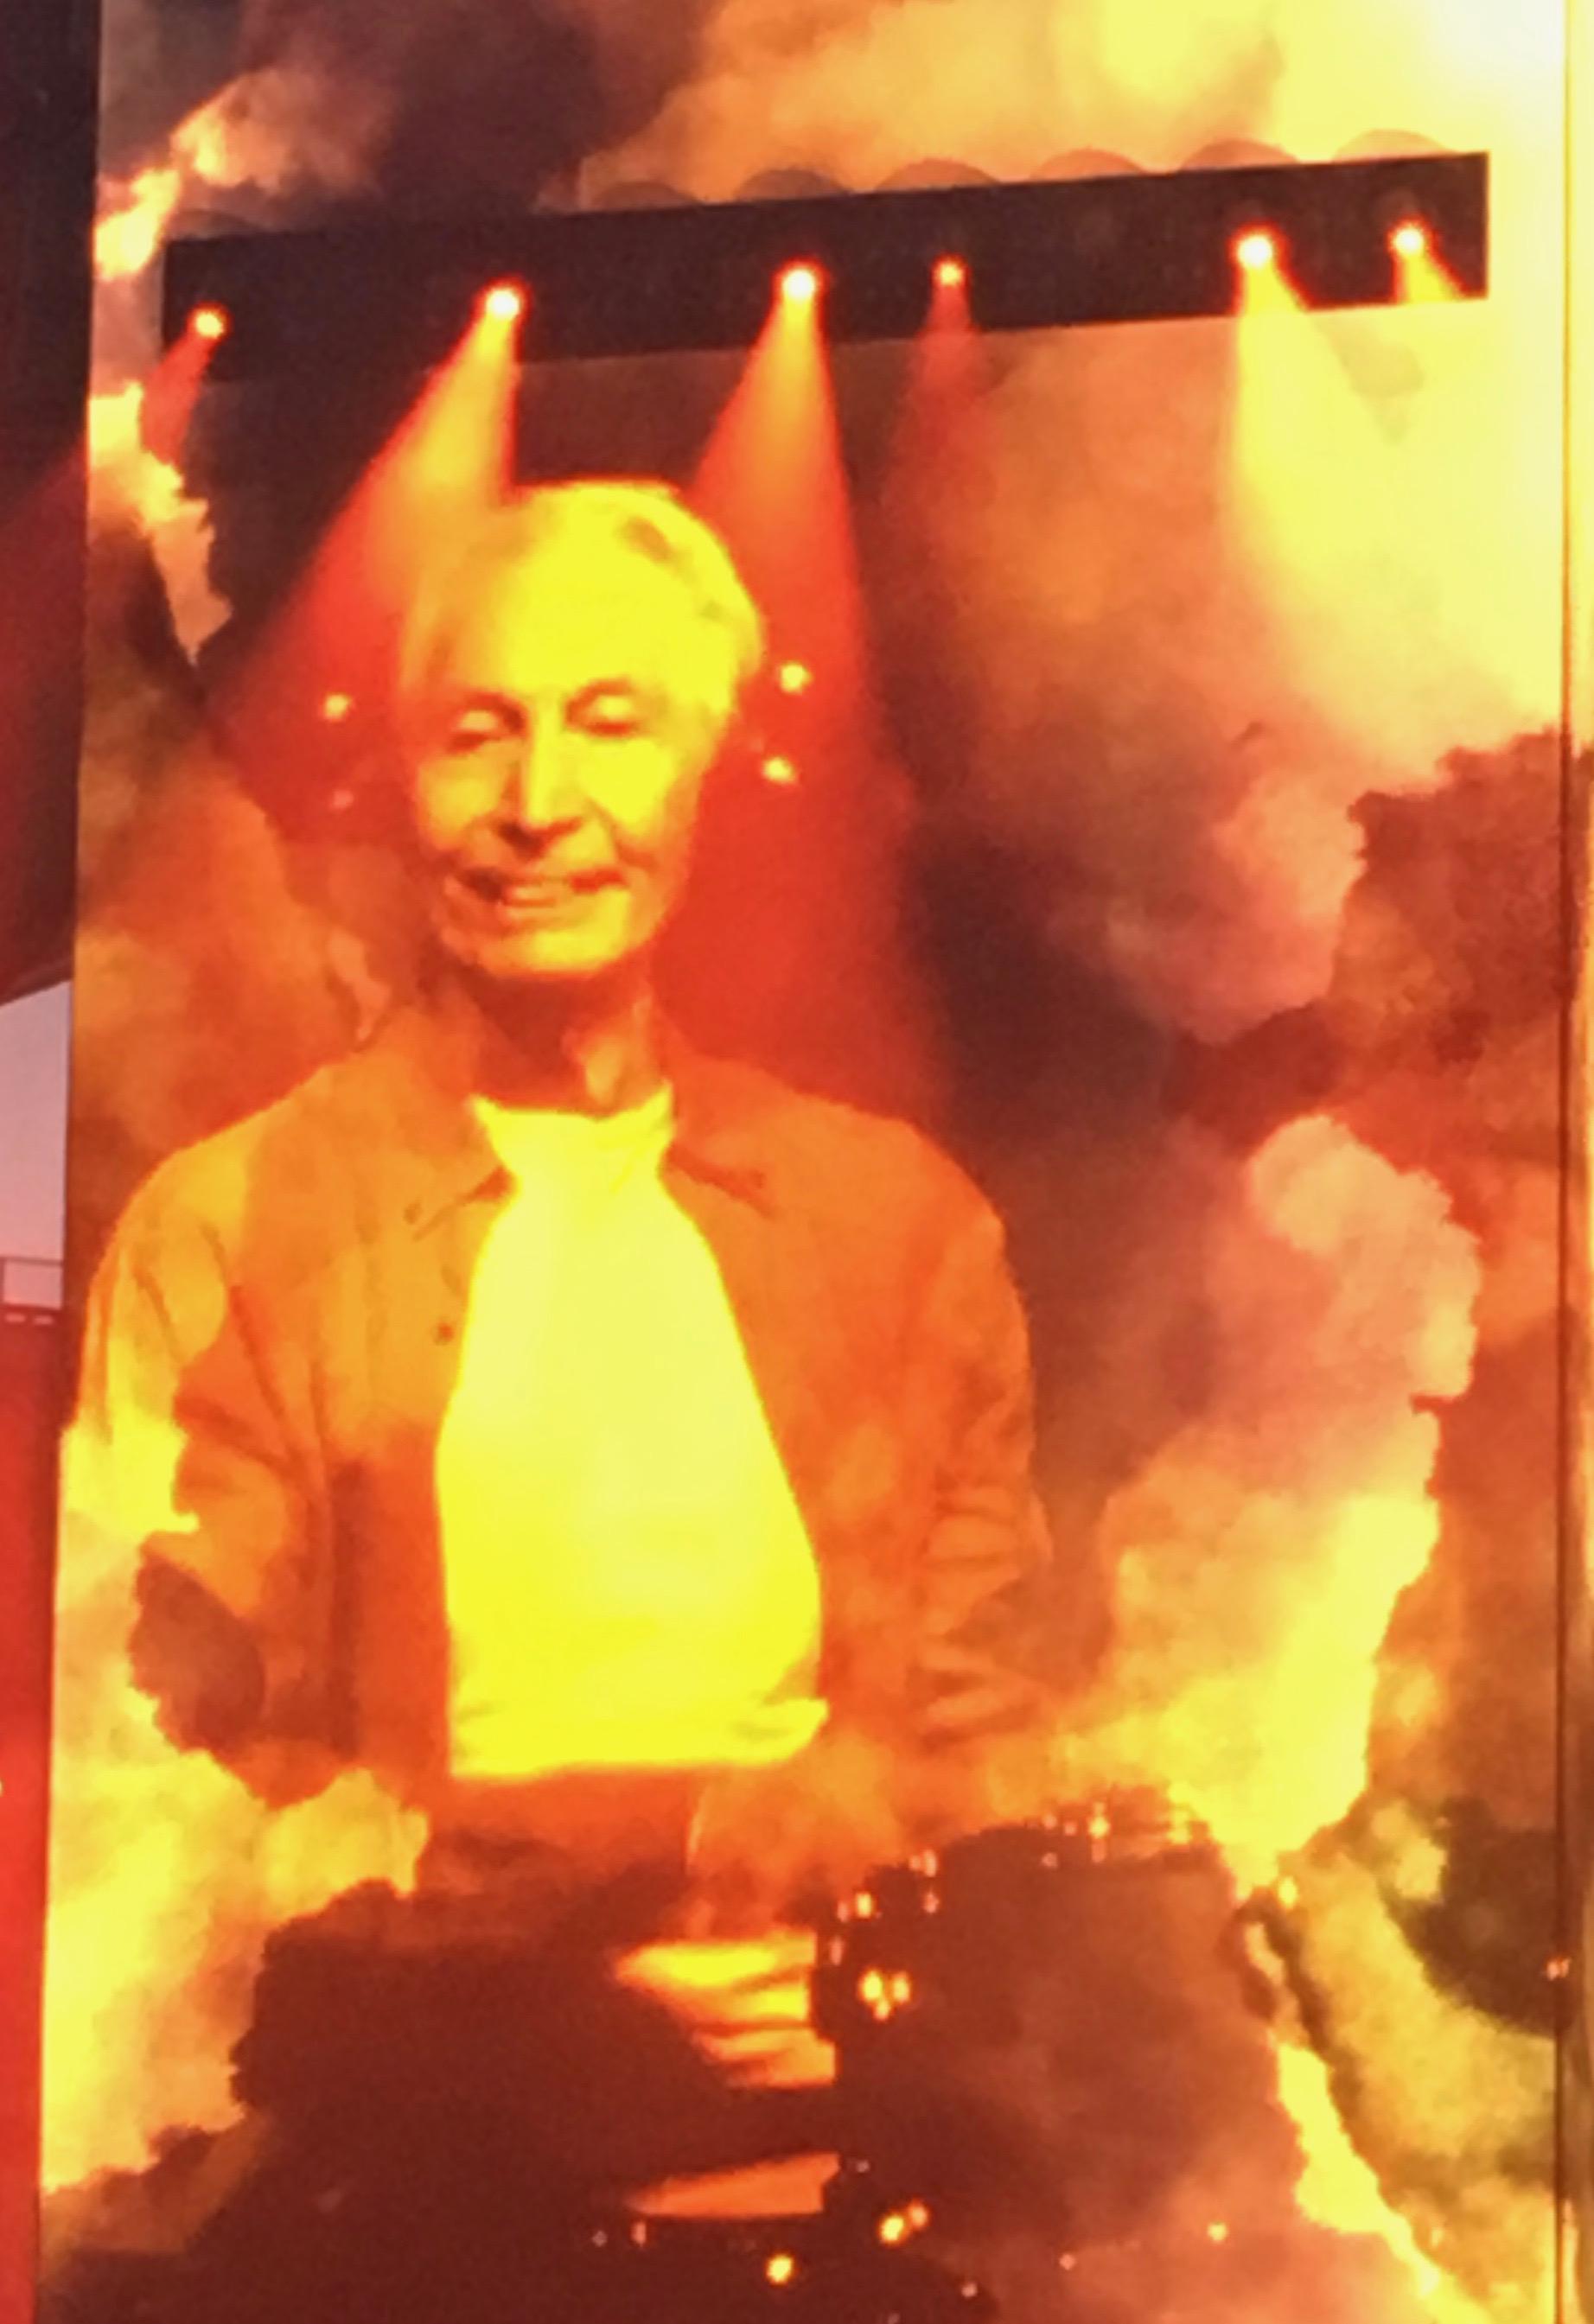 Charlie Watts bei Konzert im Berliner Olympiastation am 23.06.2018. Er sitzt hinter den Drums.